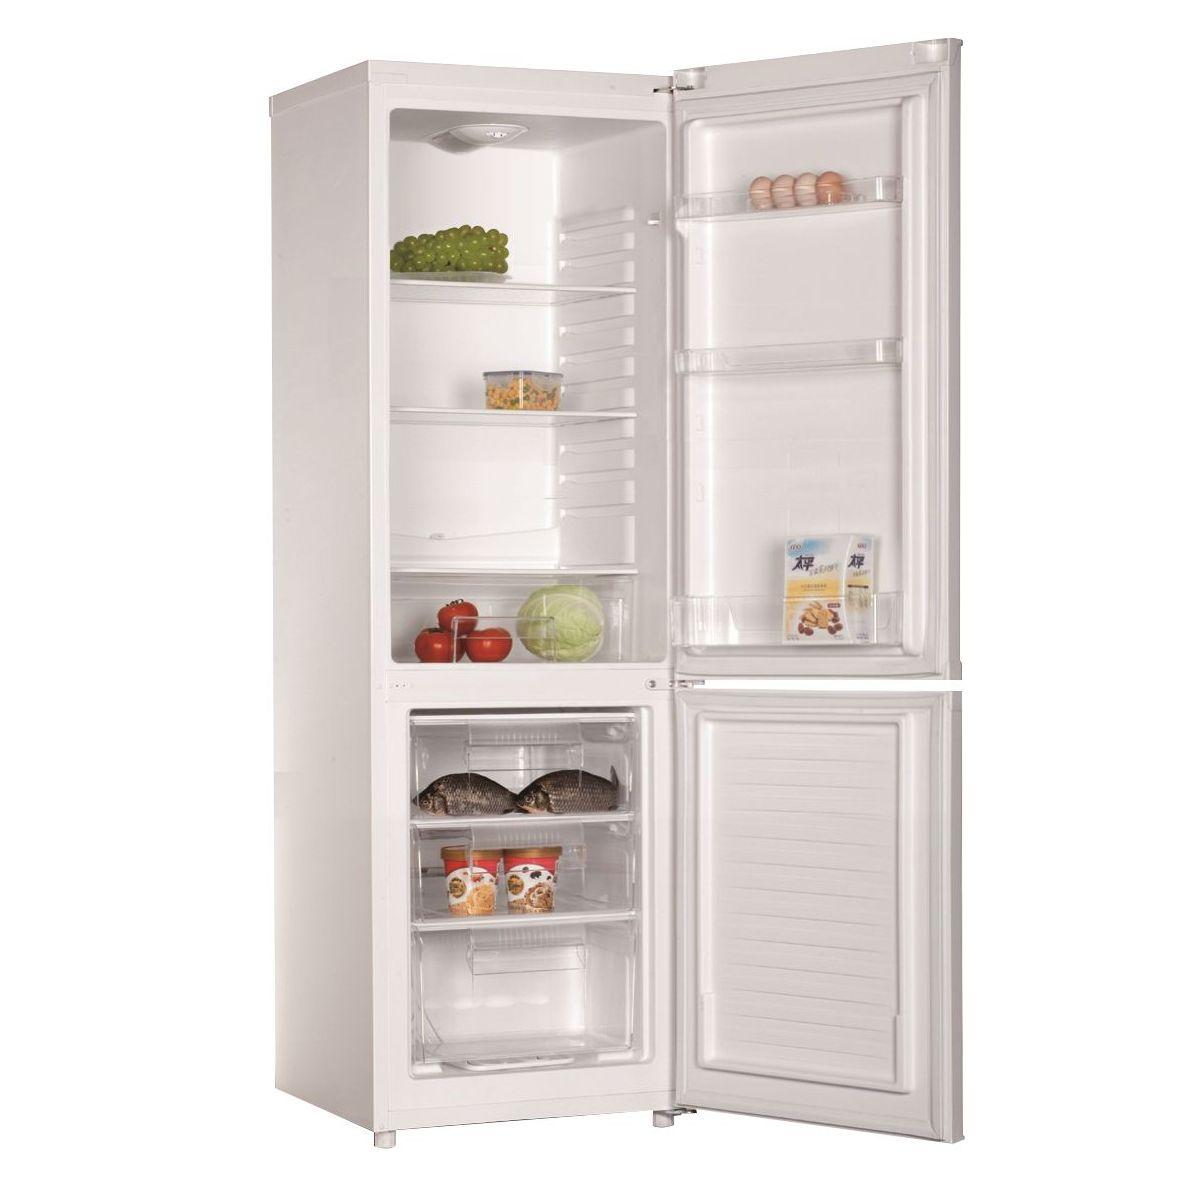 meilleur refrigerateur couleur inox pas cher. Black Bedroom Furniture Sets. Home Design Ideas